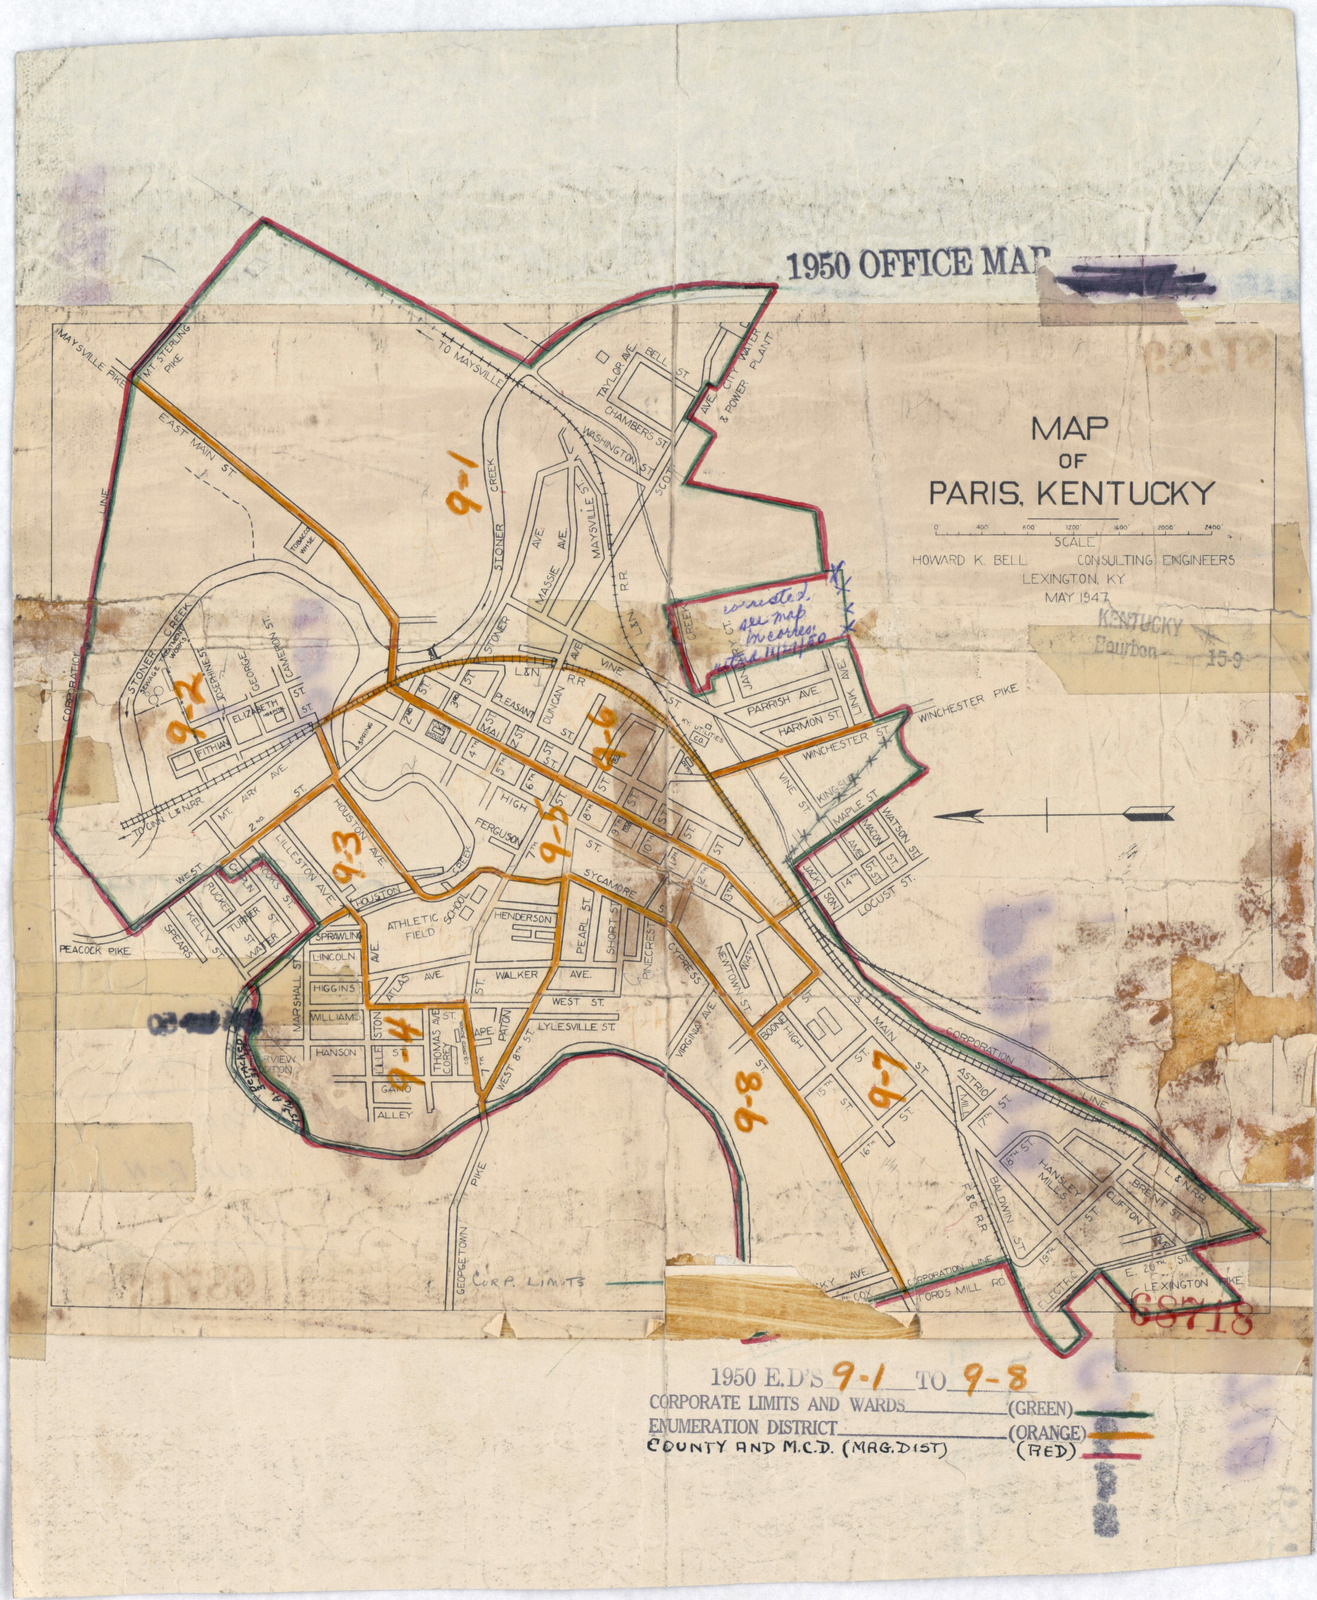 Paris Map District.1950 Census Enumeration District Maps Kentucky Ky Bourbon